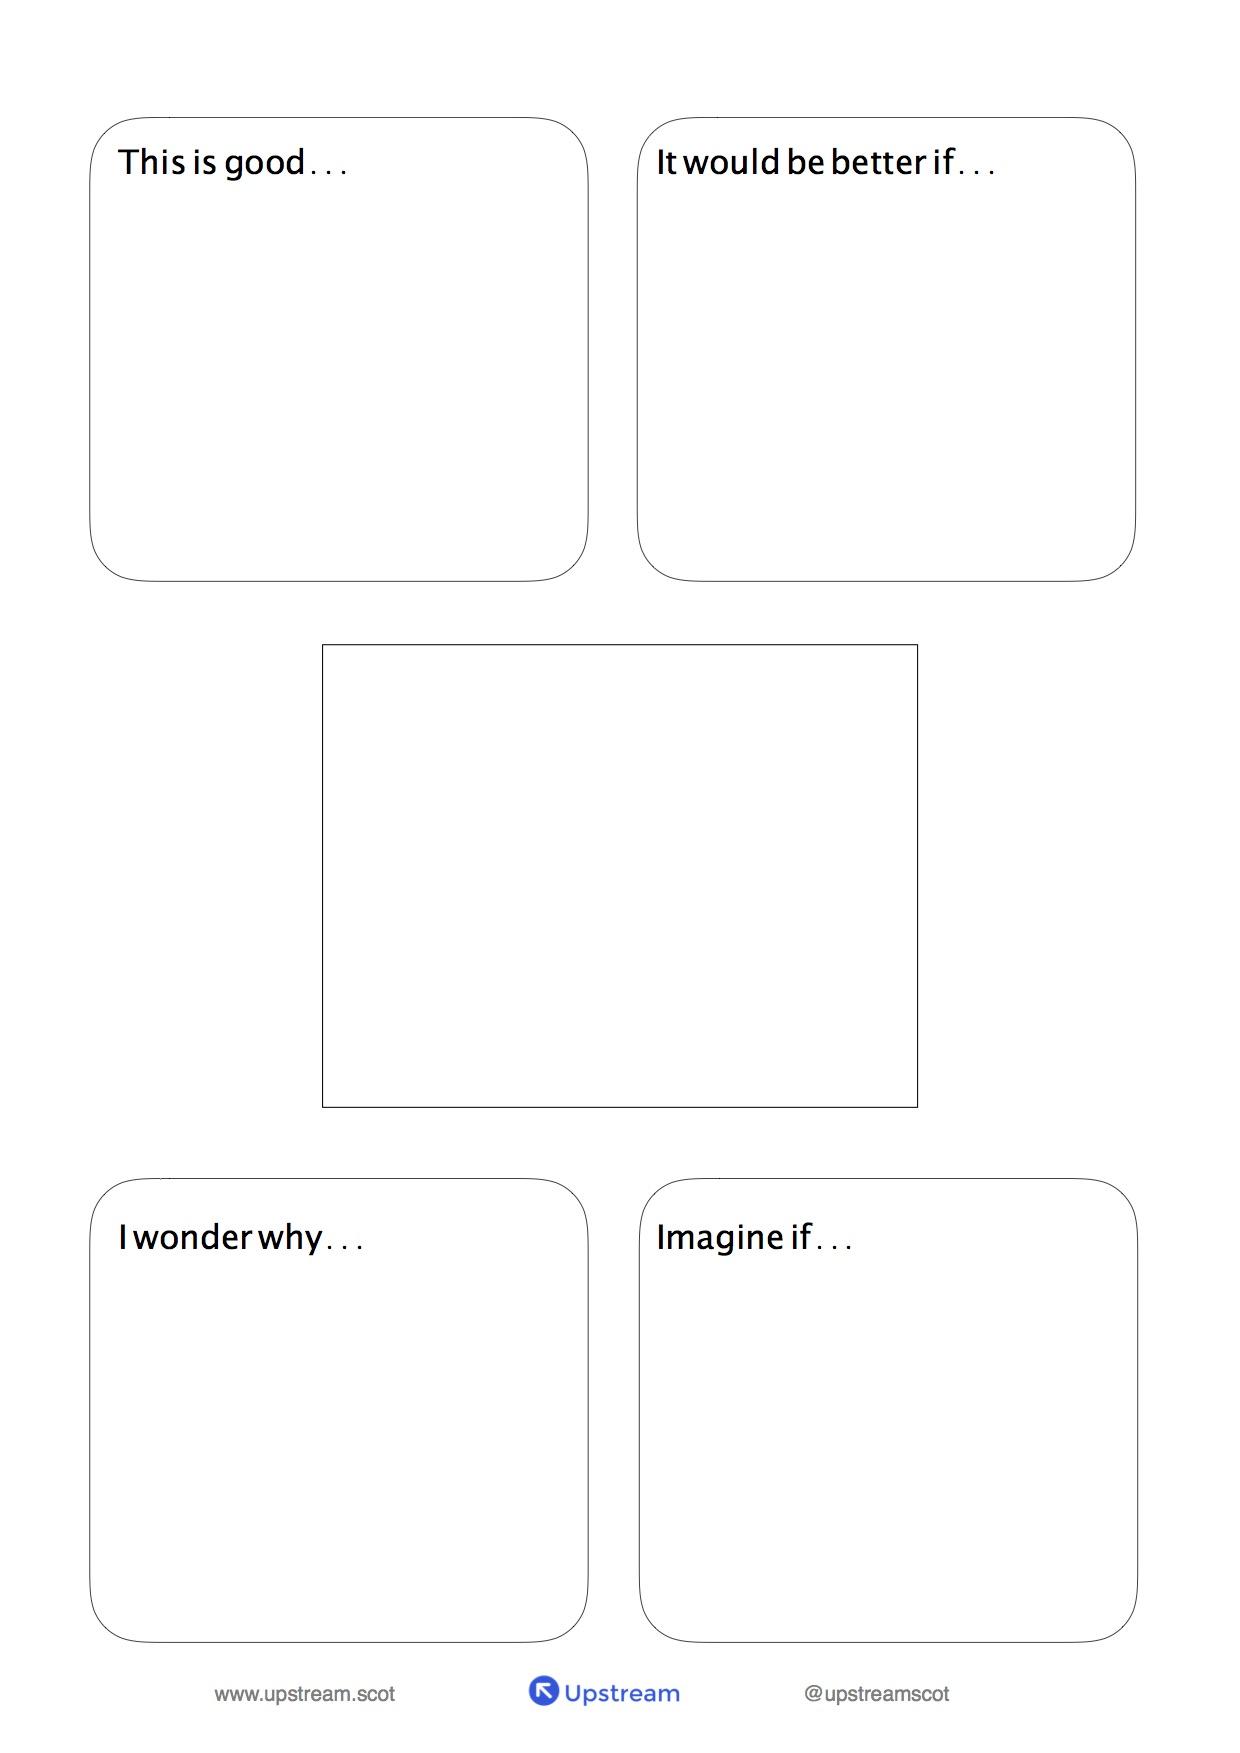 This is good ... blank.jpg